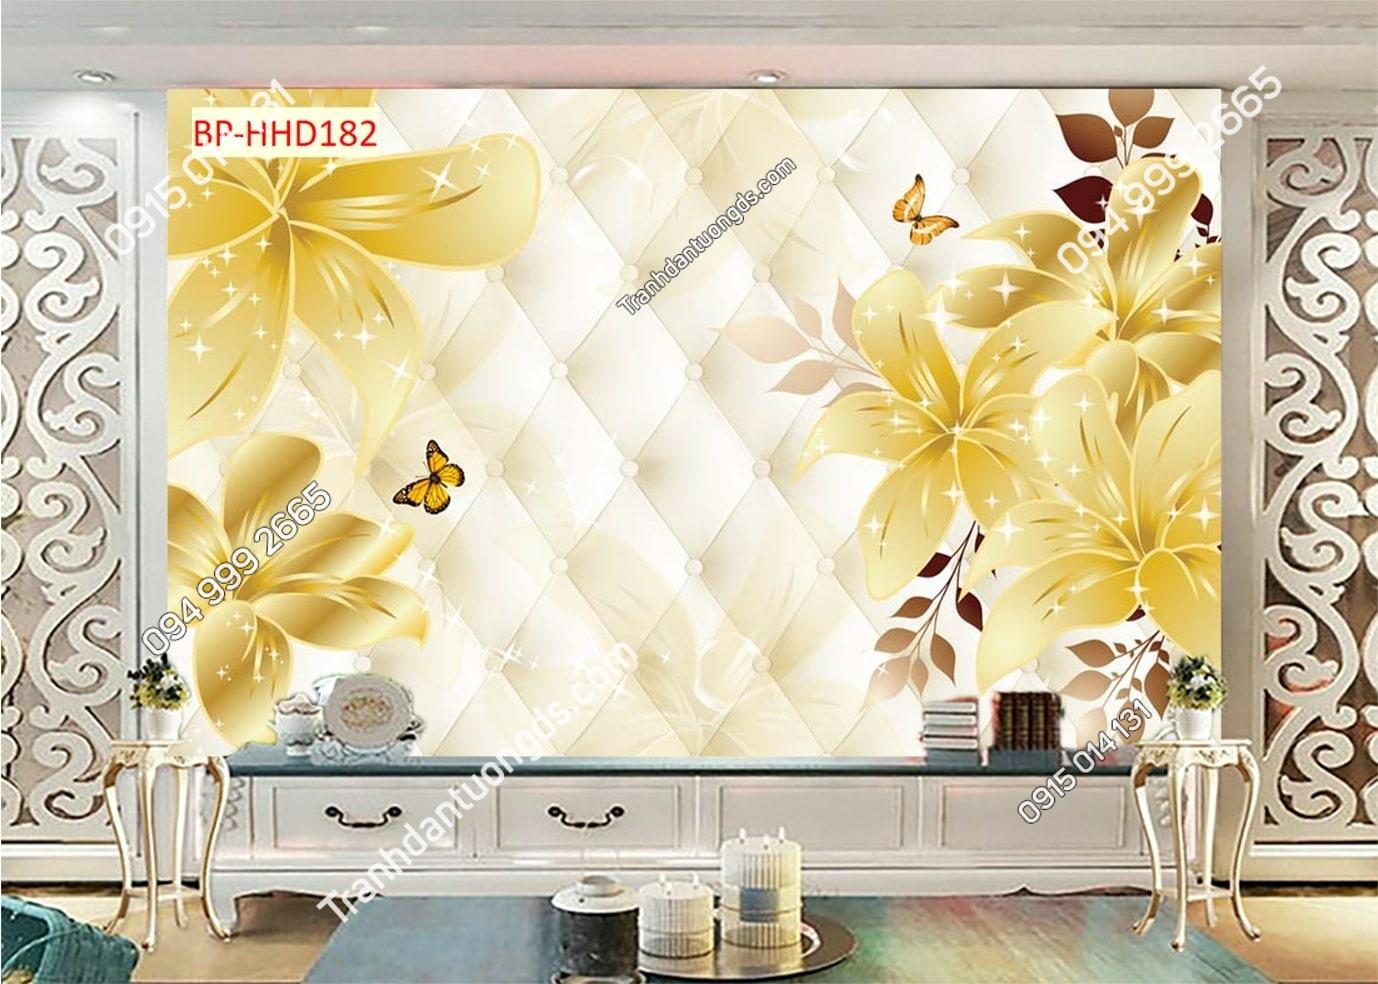 Tranh dán tường hoa 3D màu vàng HHD182